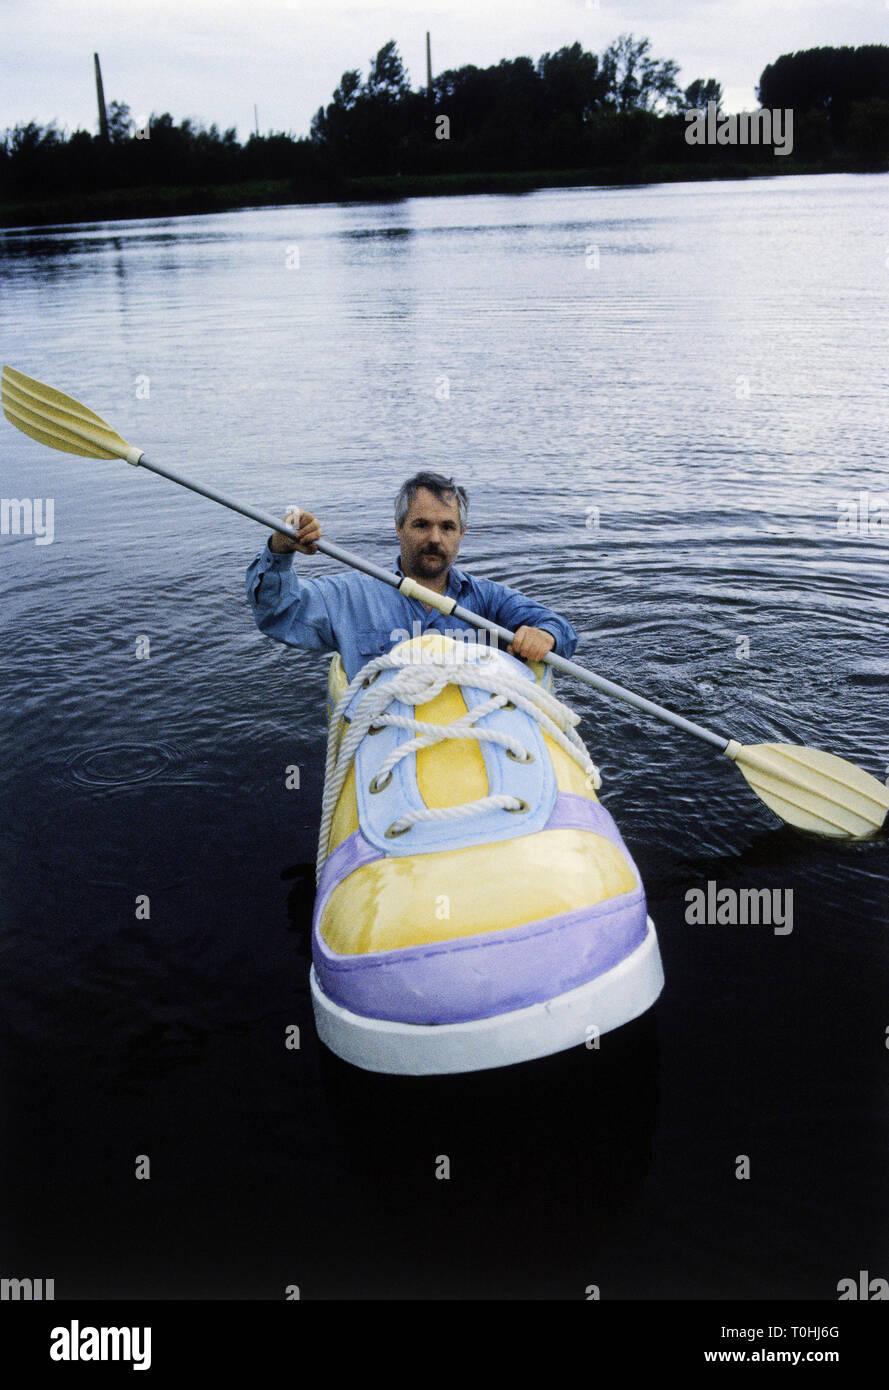 Bizarreries, loisirs, hobbies, sports, voile en forme de chaussures, Georg Wessels, morne, conduite avec son service de bateau sur le lac, octobre 1990, Additional-Rights Clearance-Info-Not-Available- Photo Stock